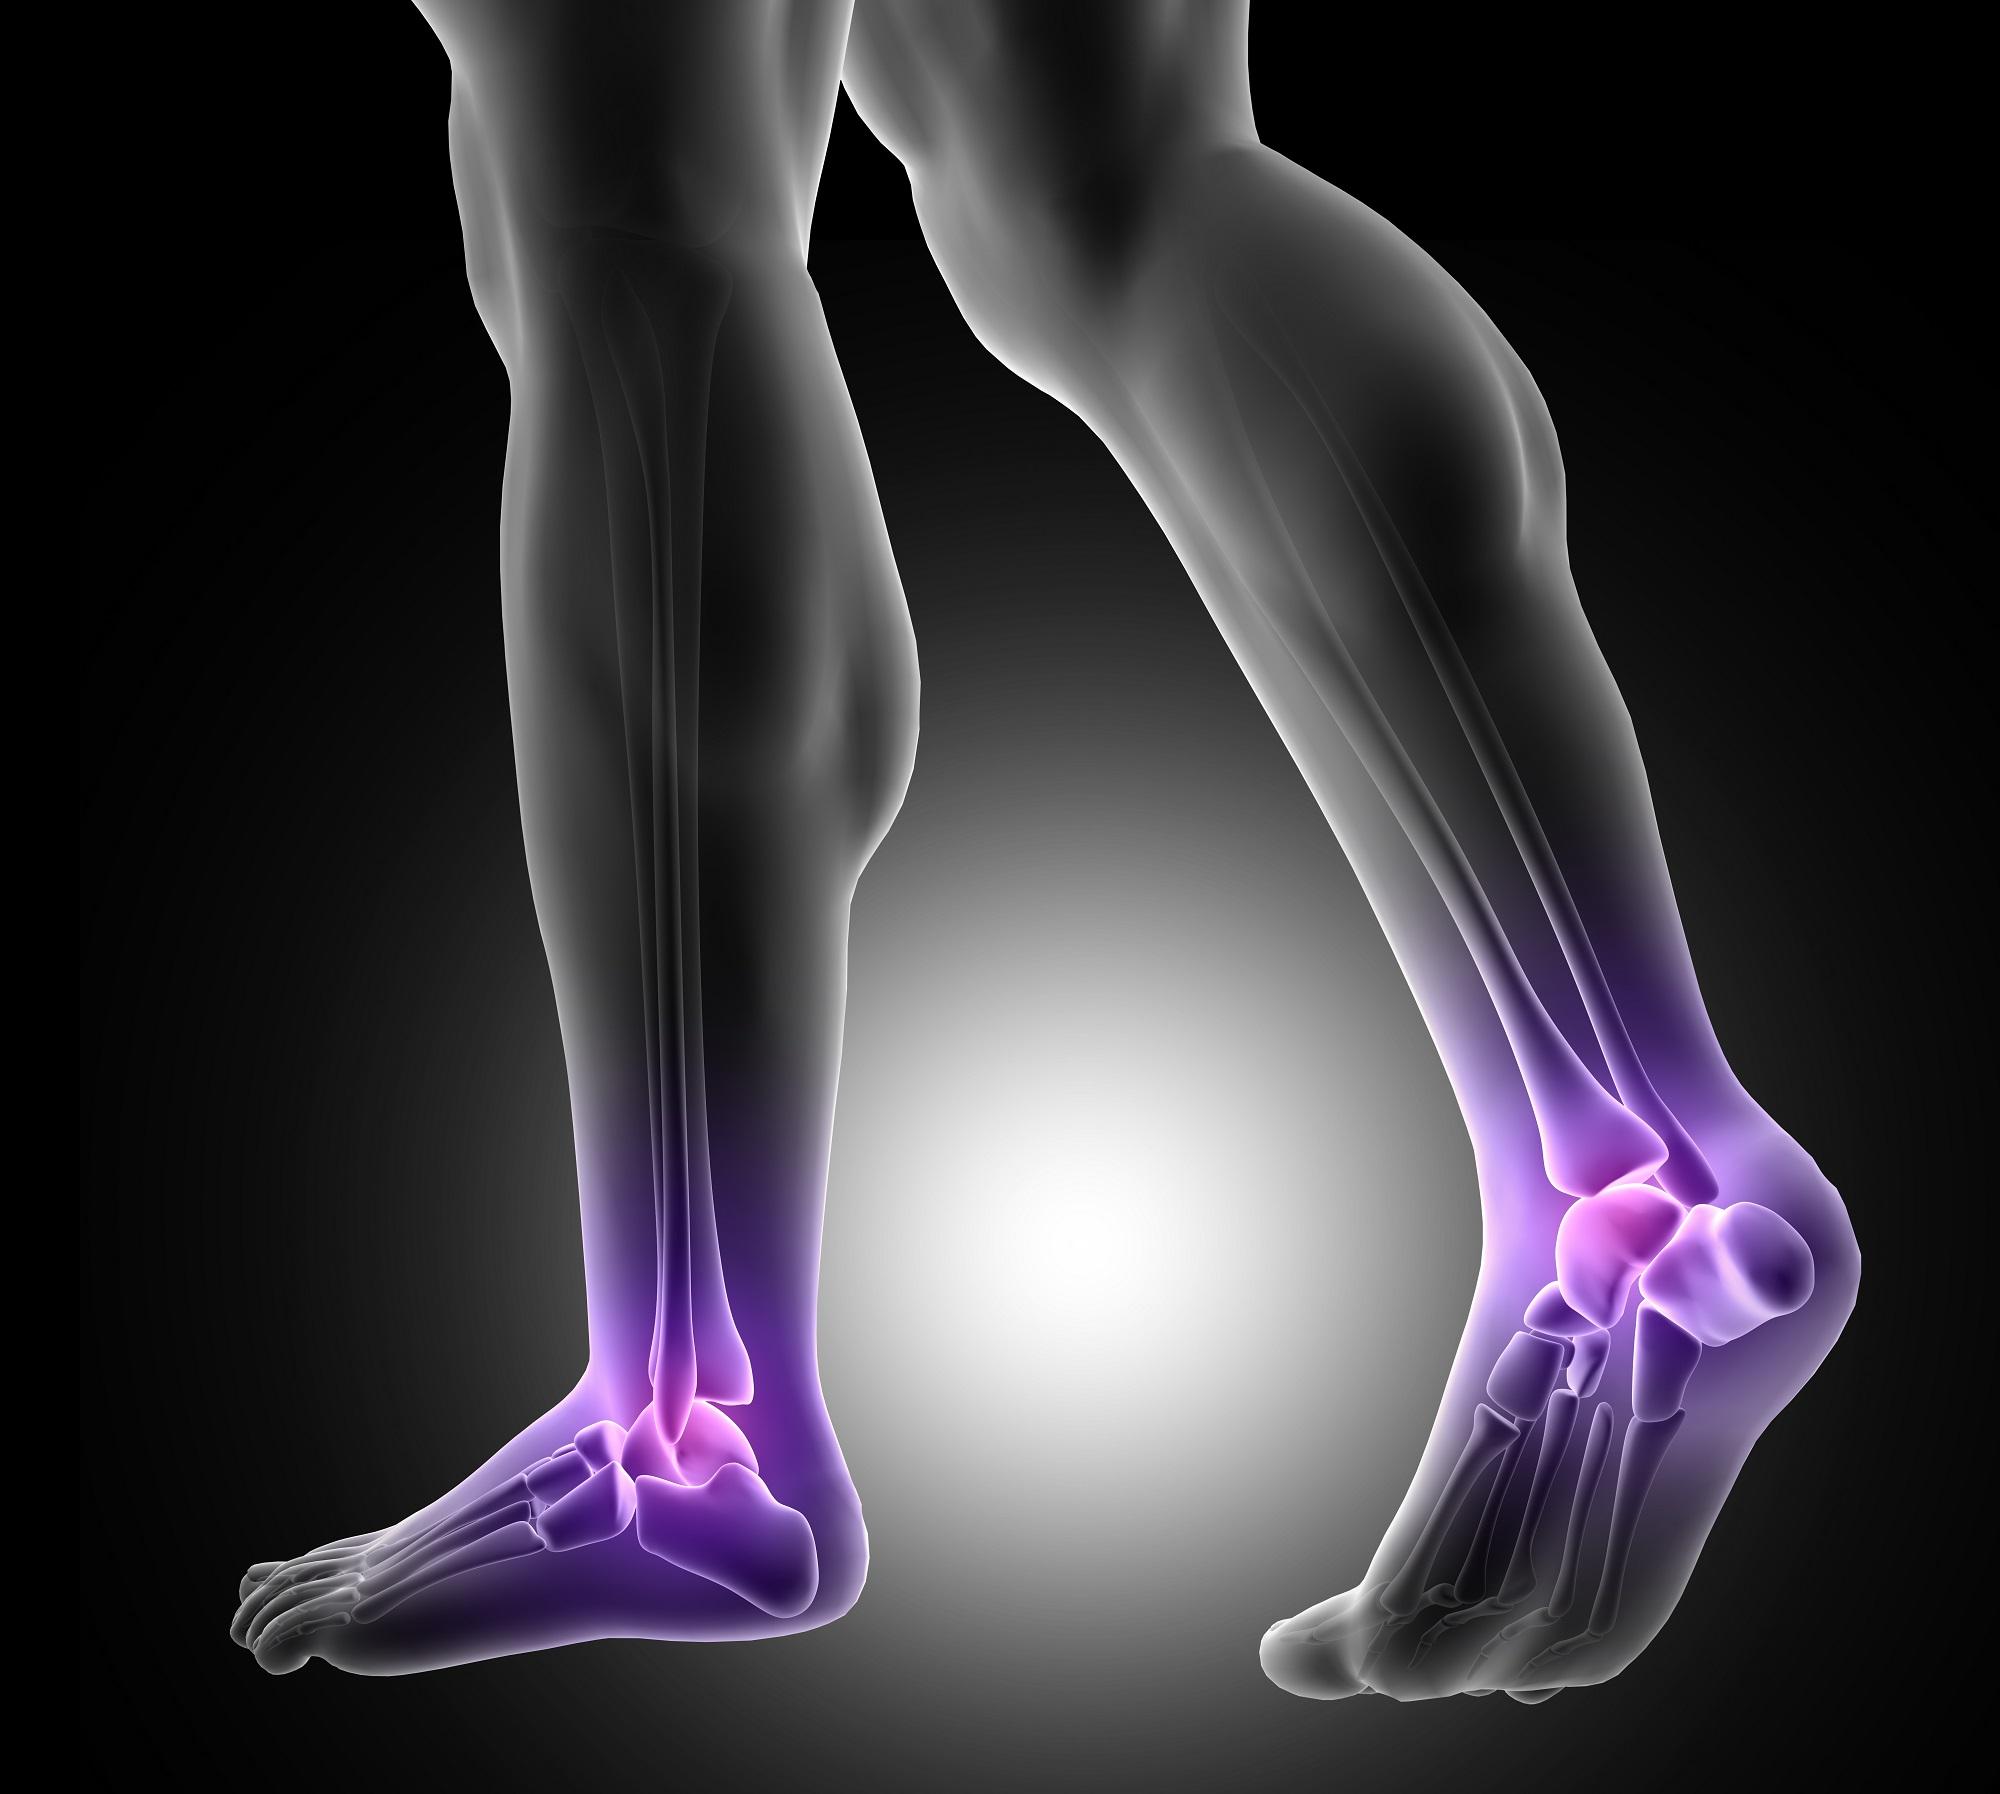 csontritkulás csípőbetegség perthosis gyógyszer az ízületek súlyos fájdalmaira